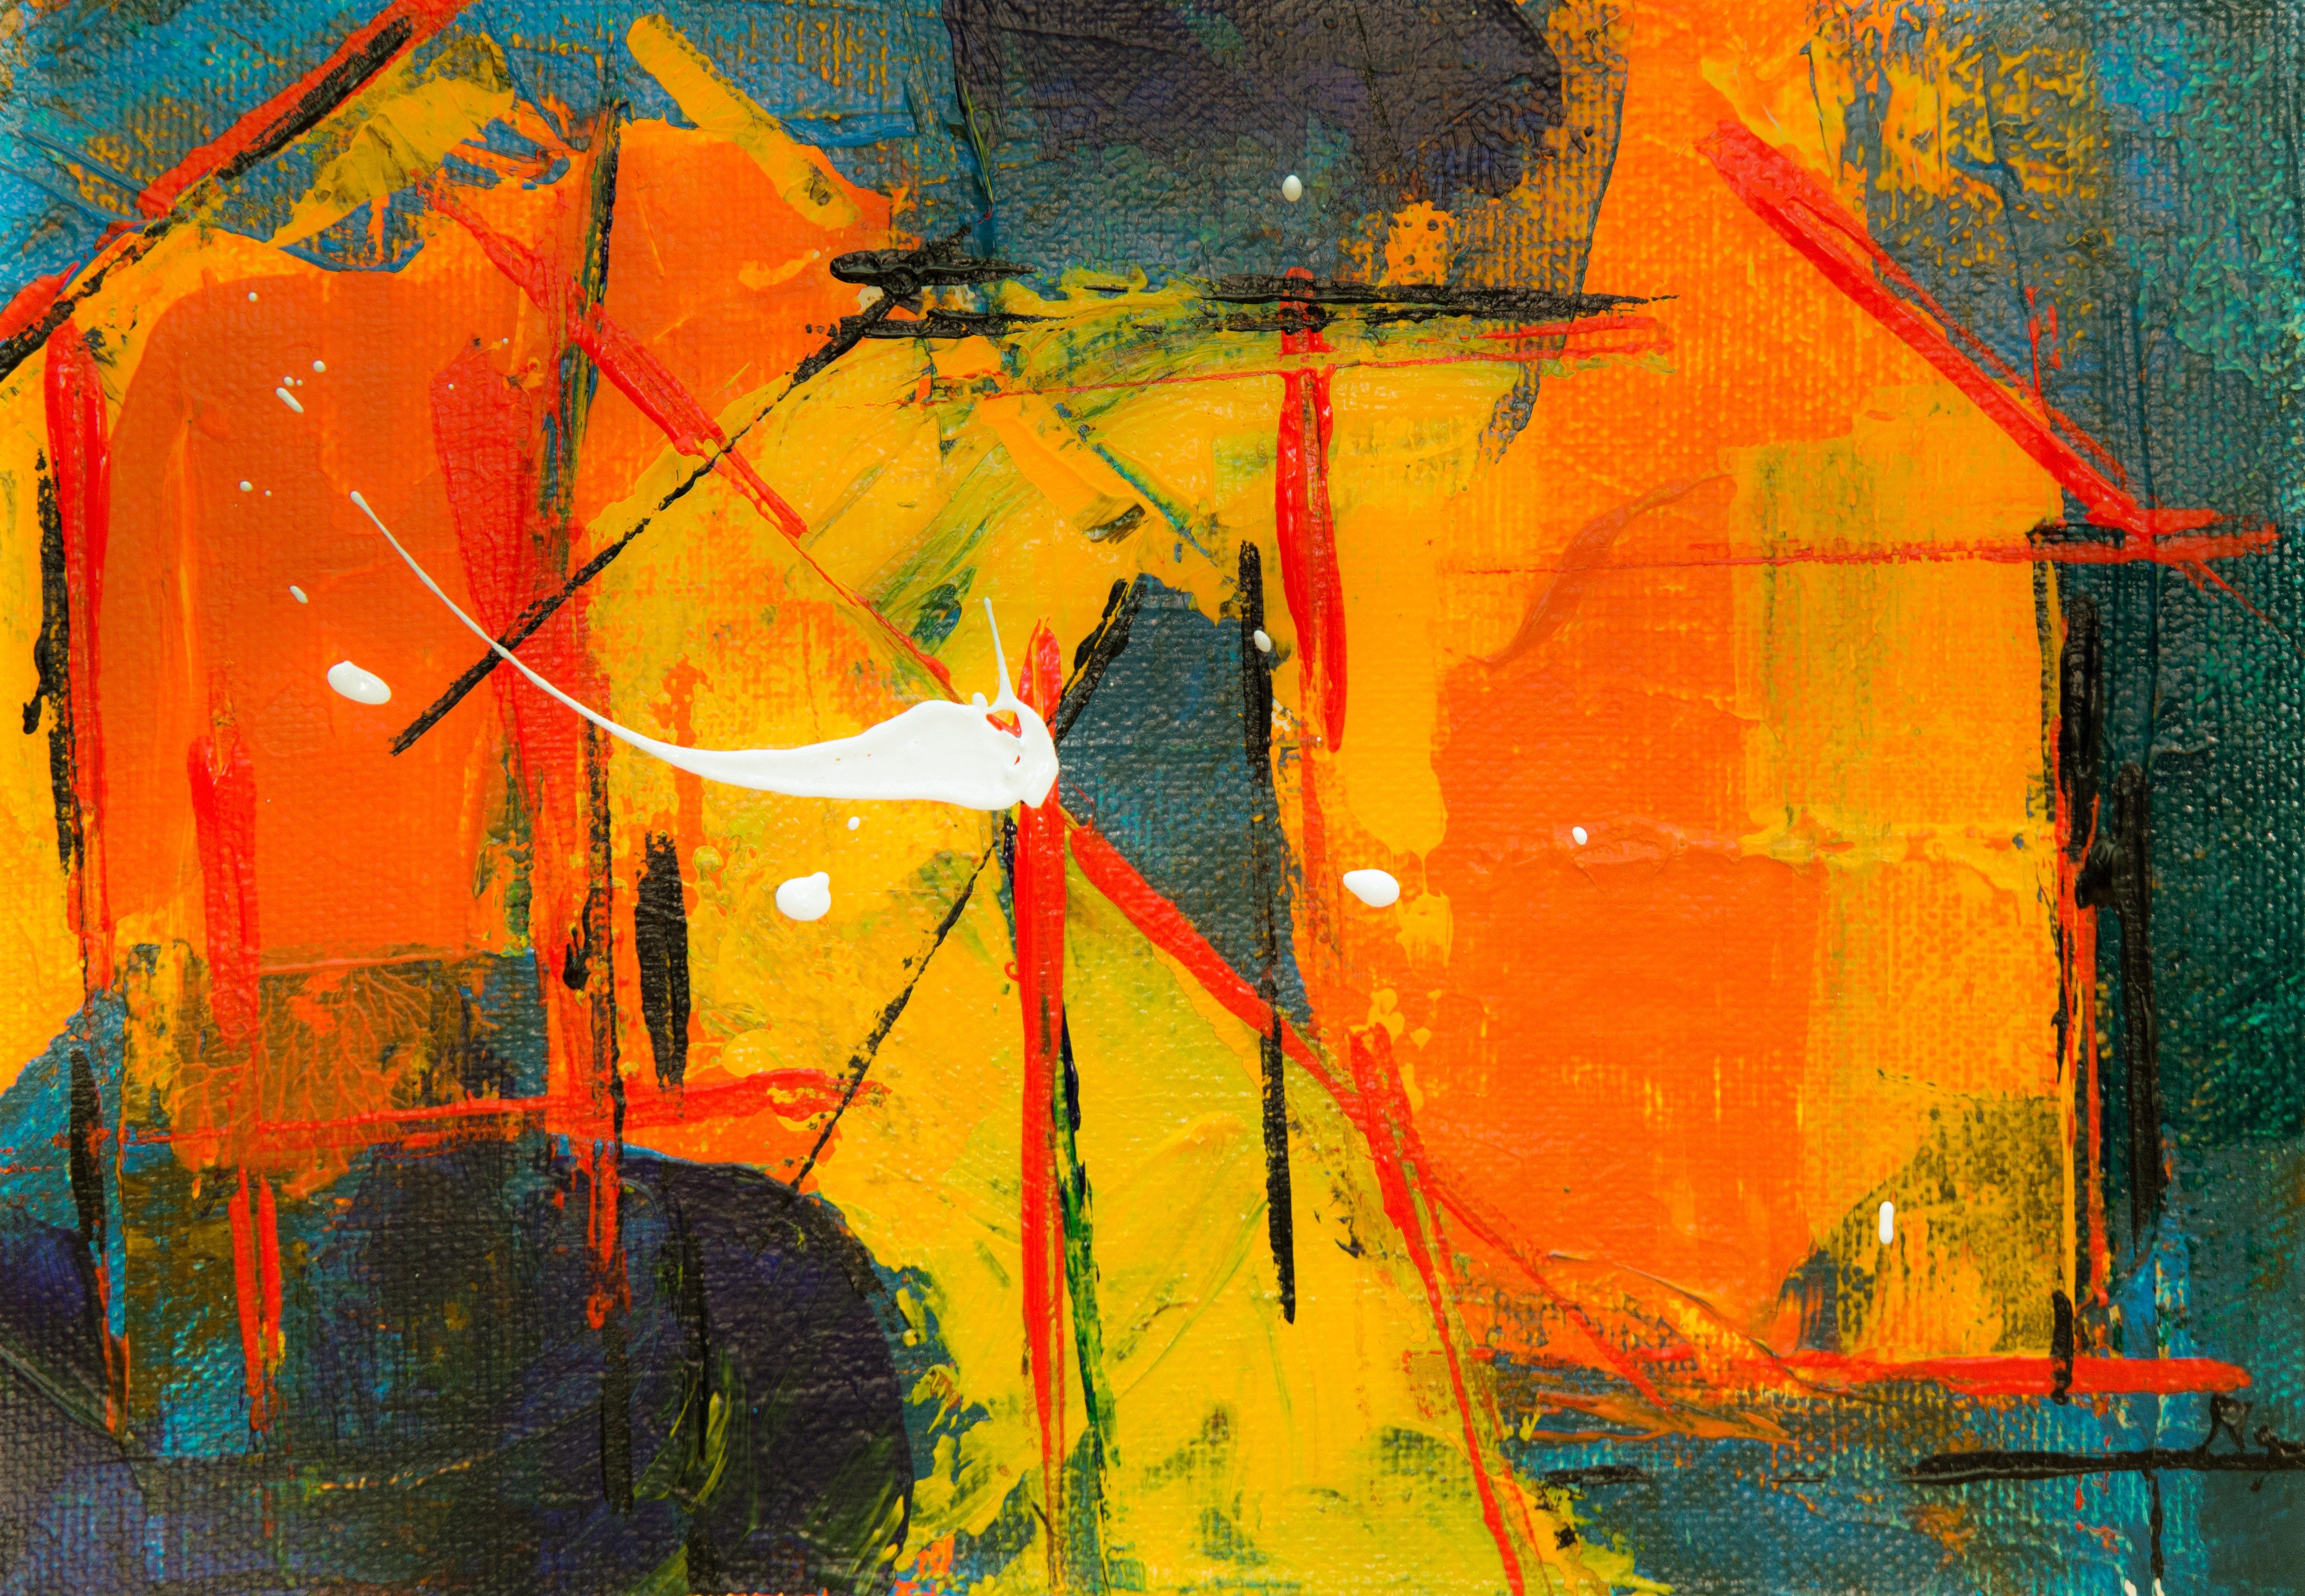 Uitgelezene Gratis Afbeeldingen : abstract expressionisme, abstract schilderij OX-81